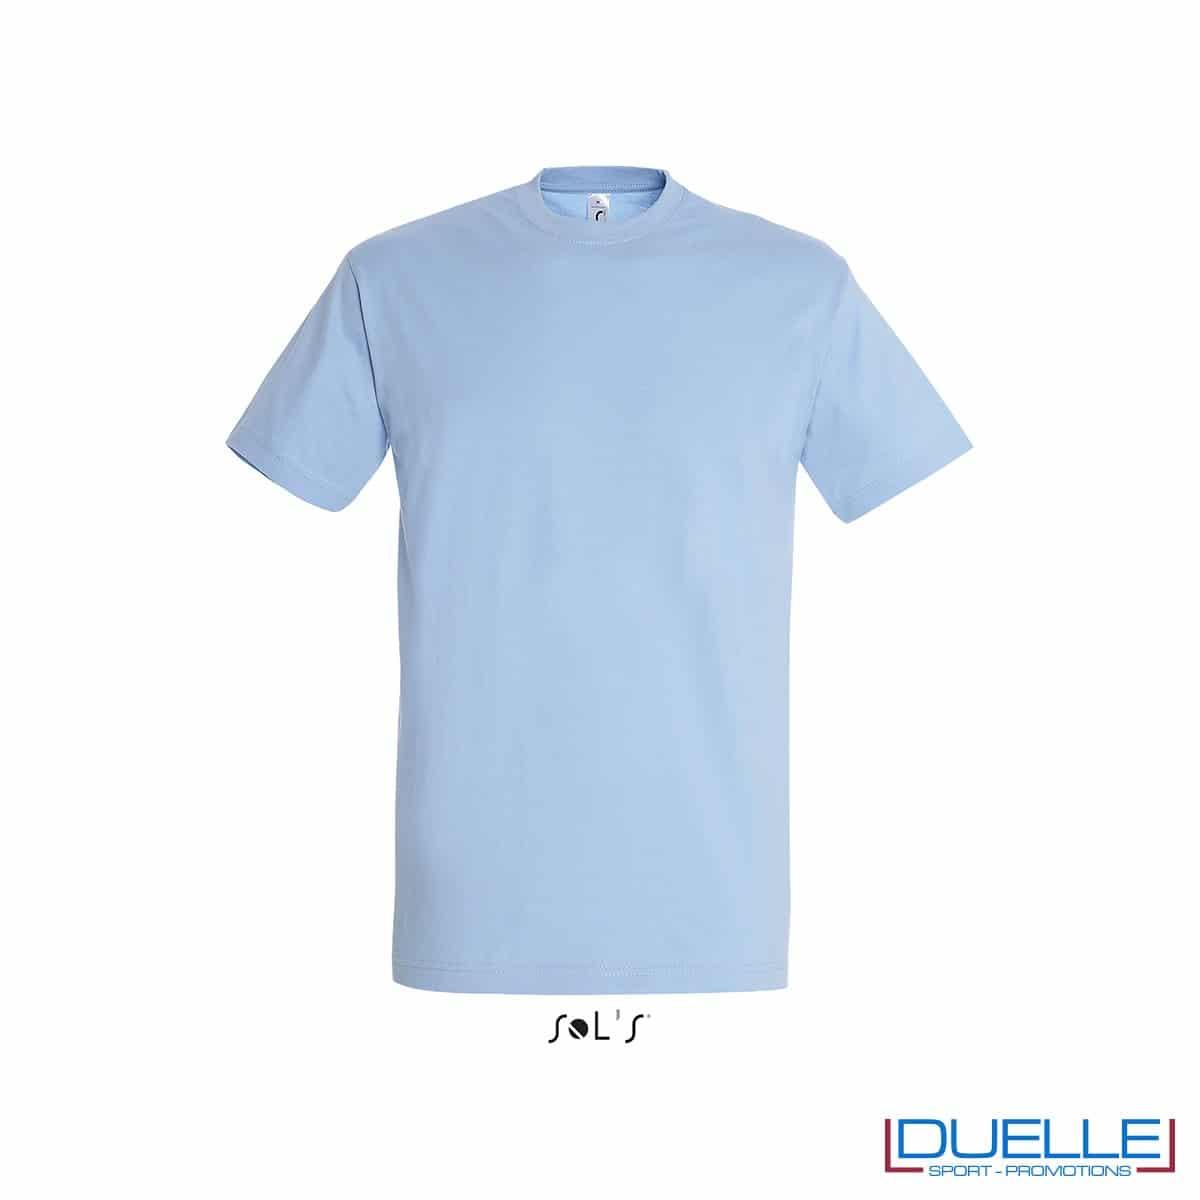 Maglietta mezza maniche girocollo in cotone pesante personalizzata colore cielo